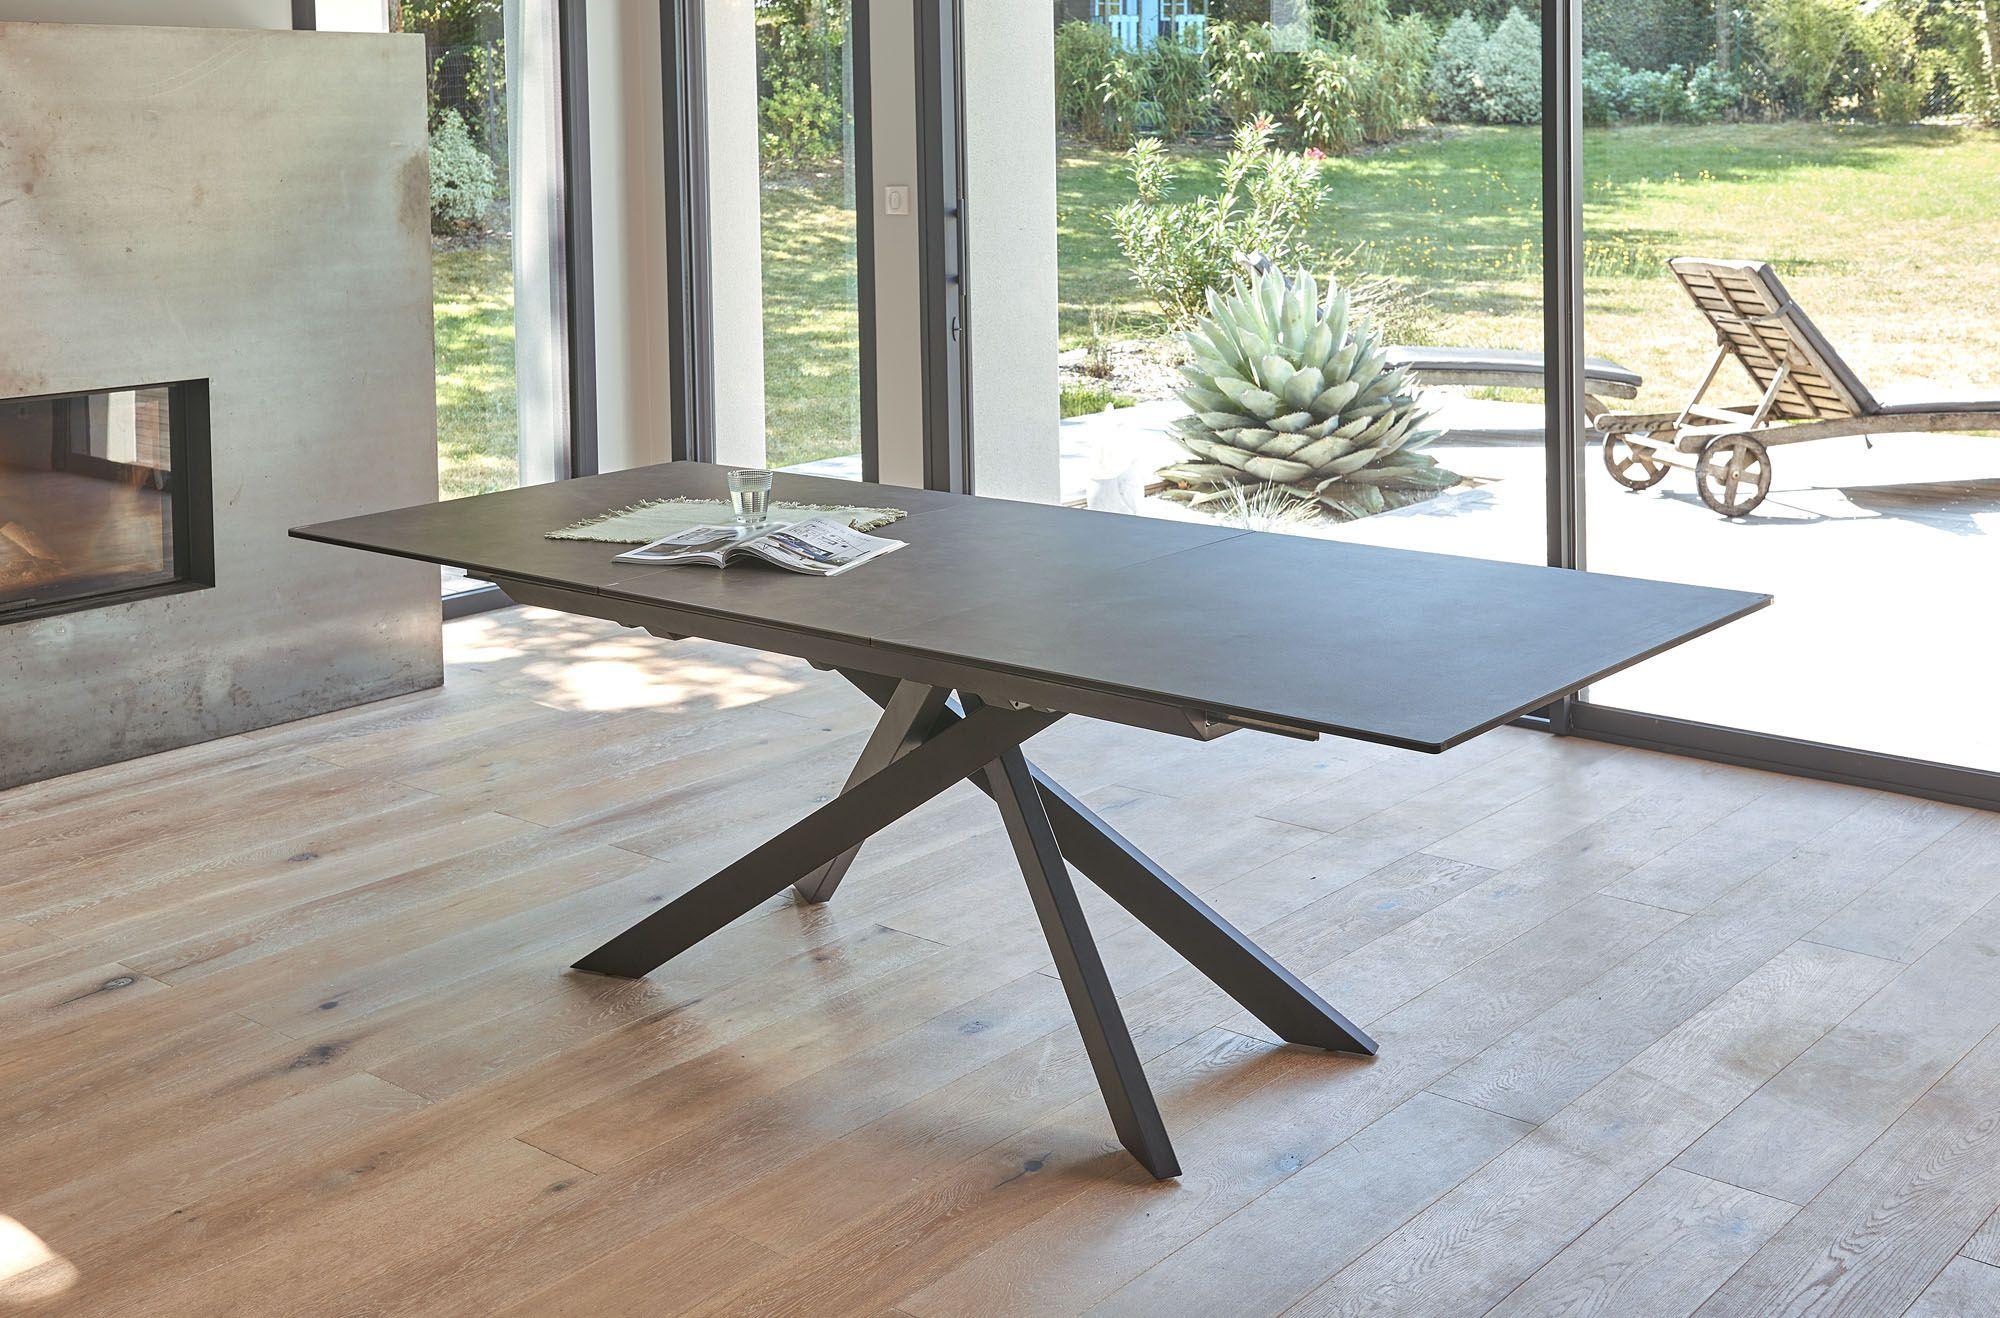 Table Extensible Avec Plateau En Ceramique Teinte Grise Mobilier De Salon Table Extensible Table Ceramique Extensible